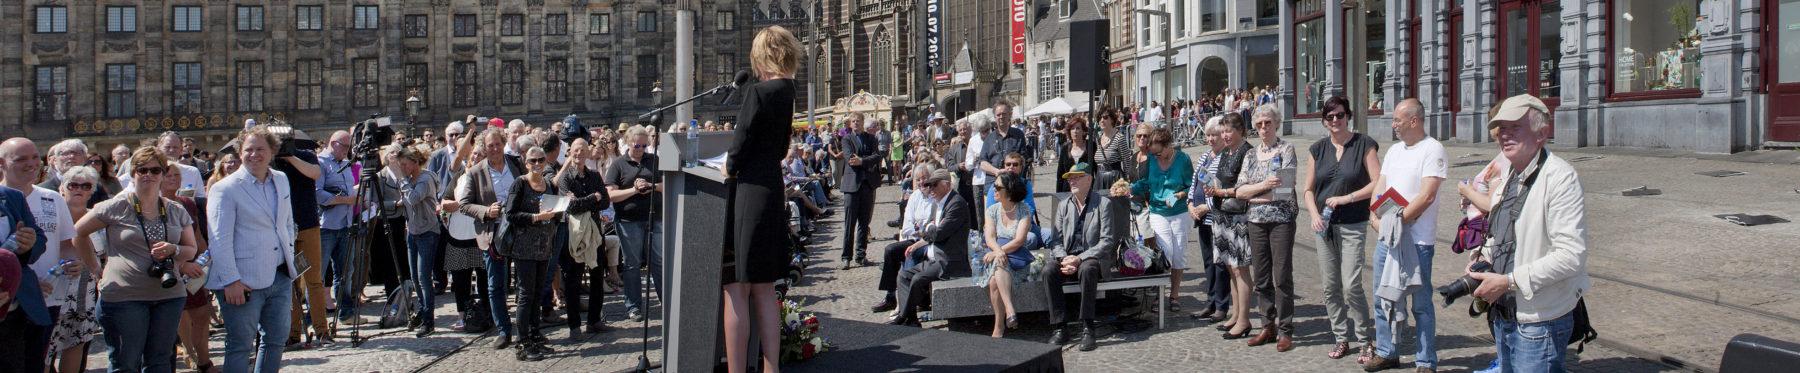 Stichting Memorial